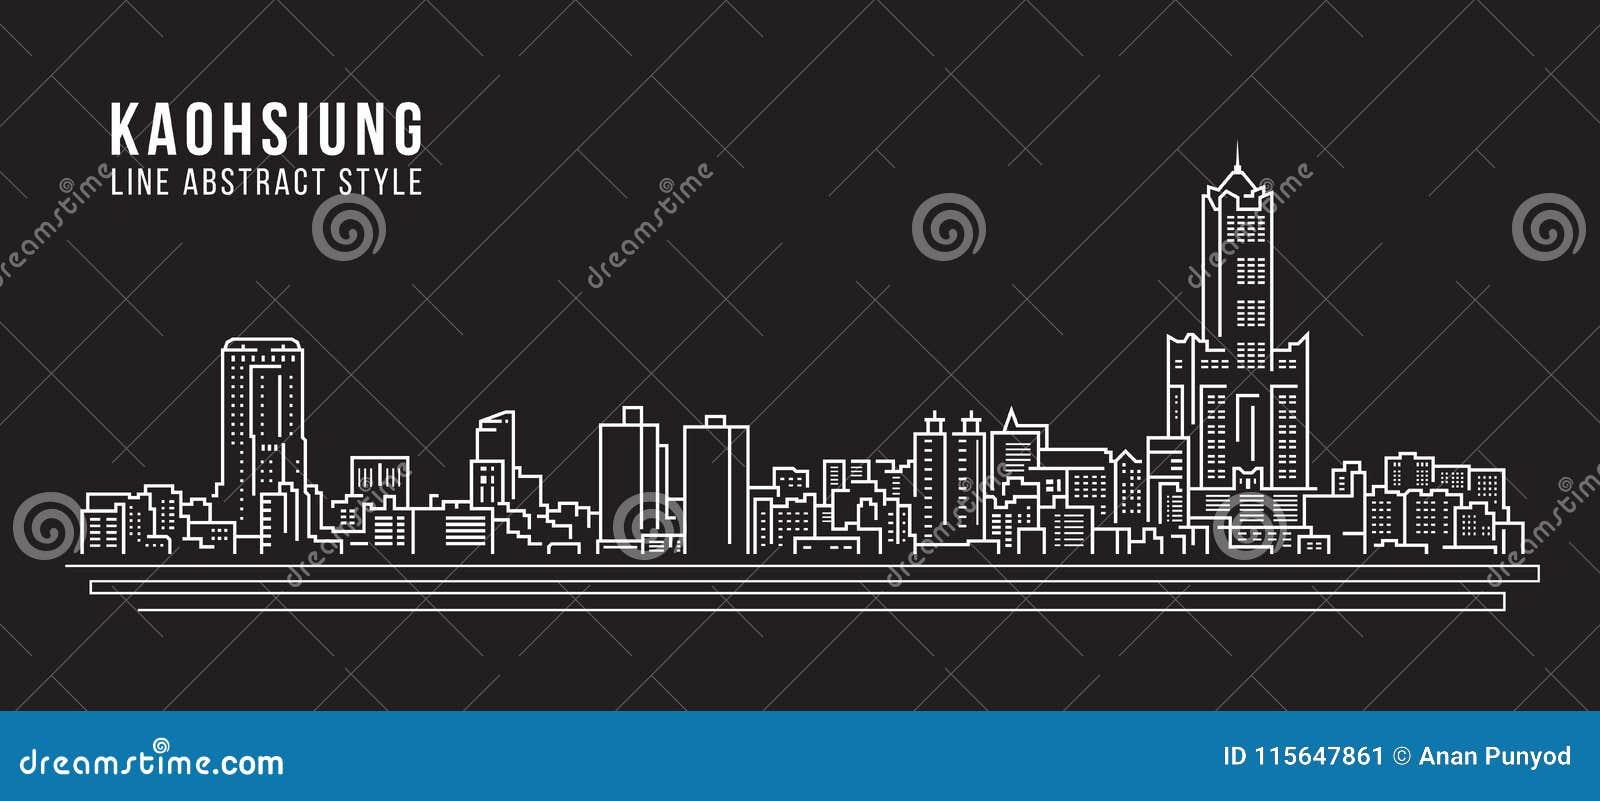 Allineamento dei fabbricati di paesaggio urbano progettazione dell illustrazione di vettore di arte - città di Kaohsiung